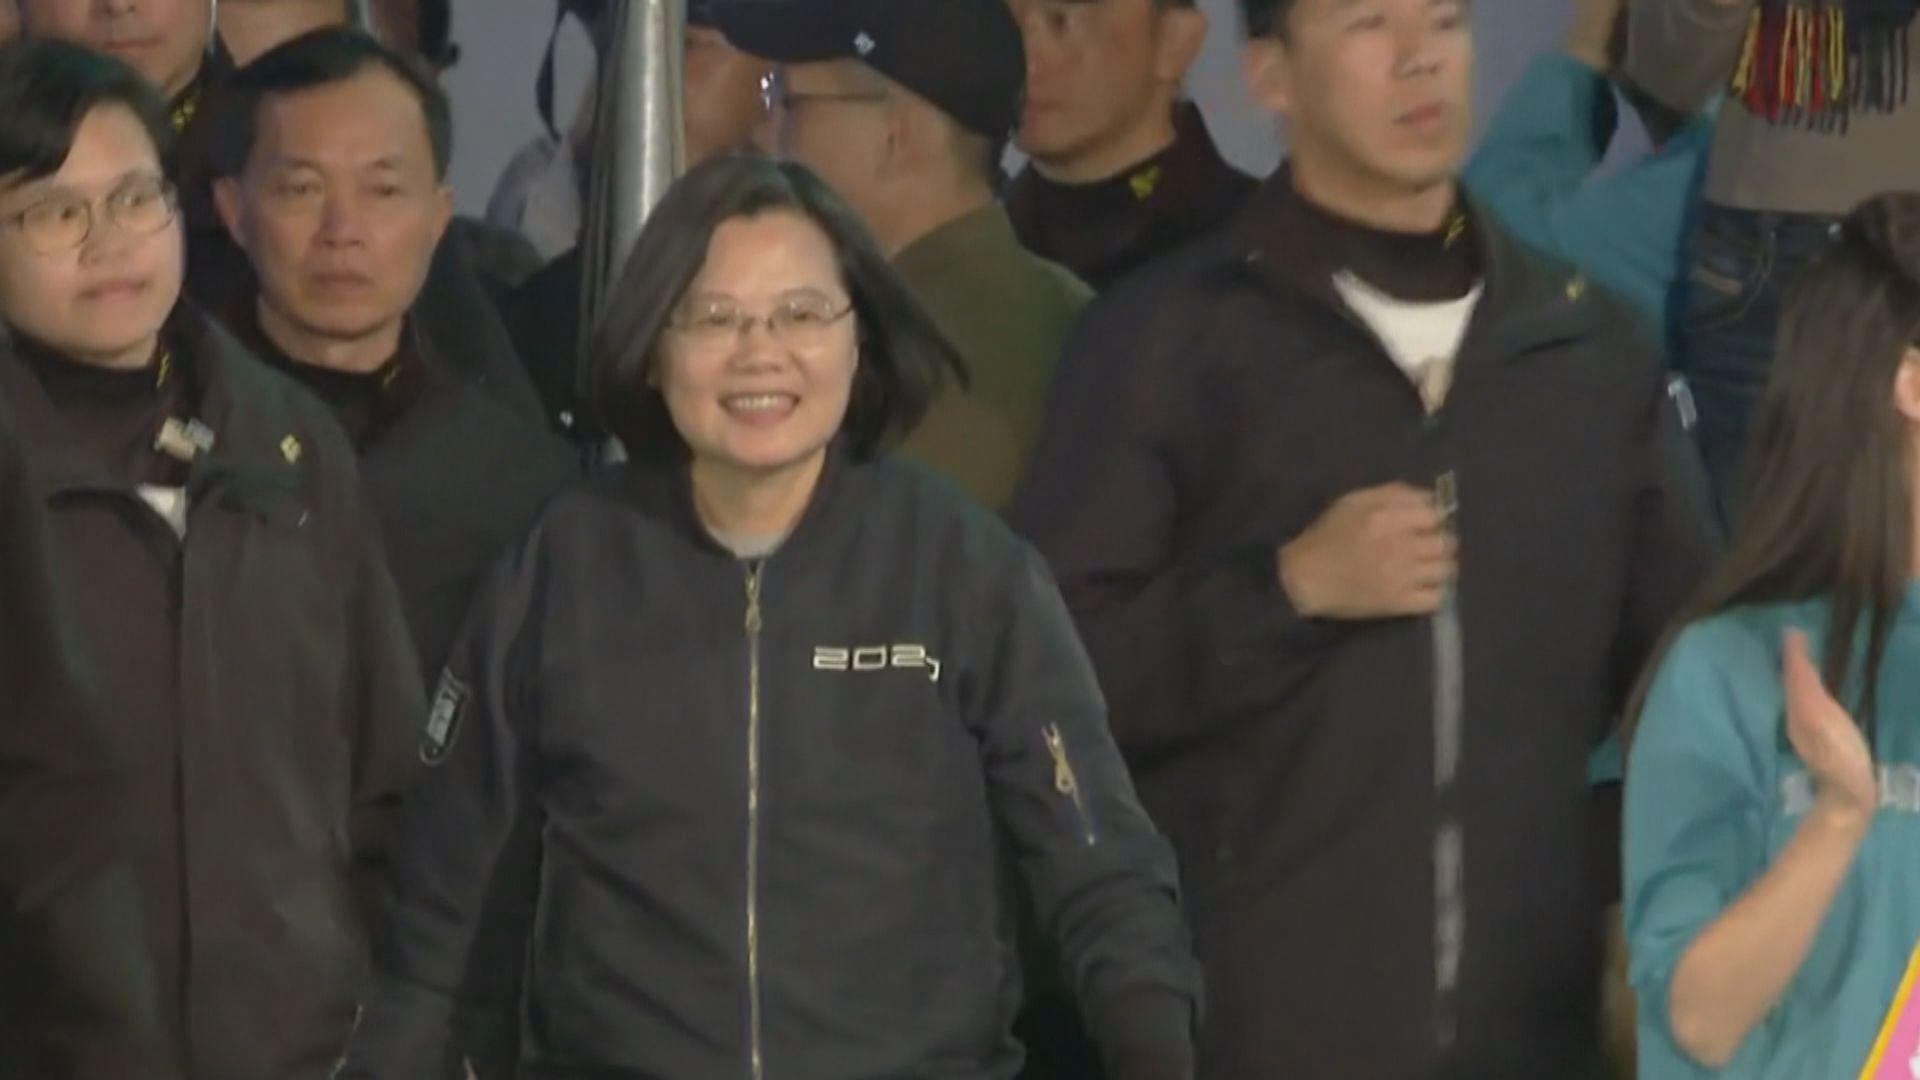 蔡英文勸台灣年輕人示範民主自由會克服困難